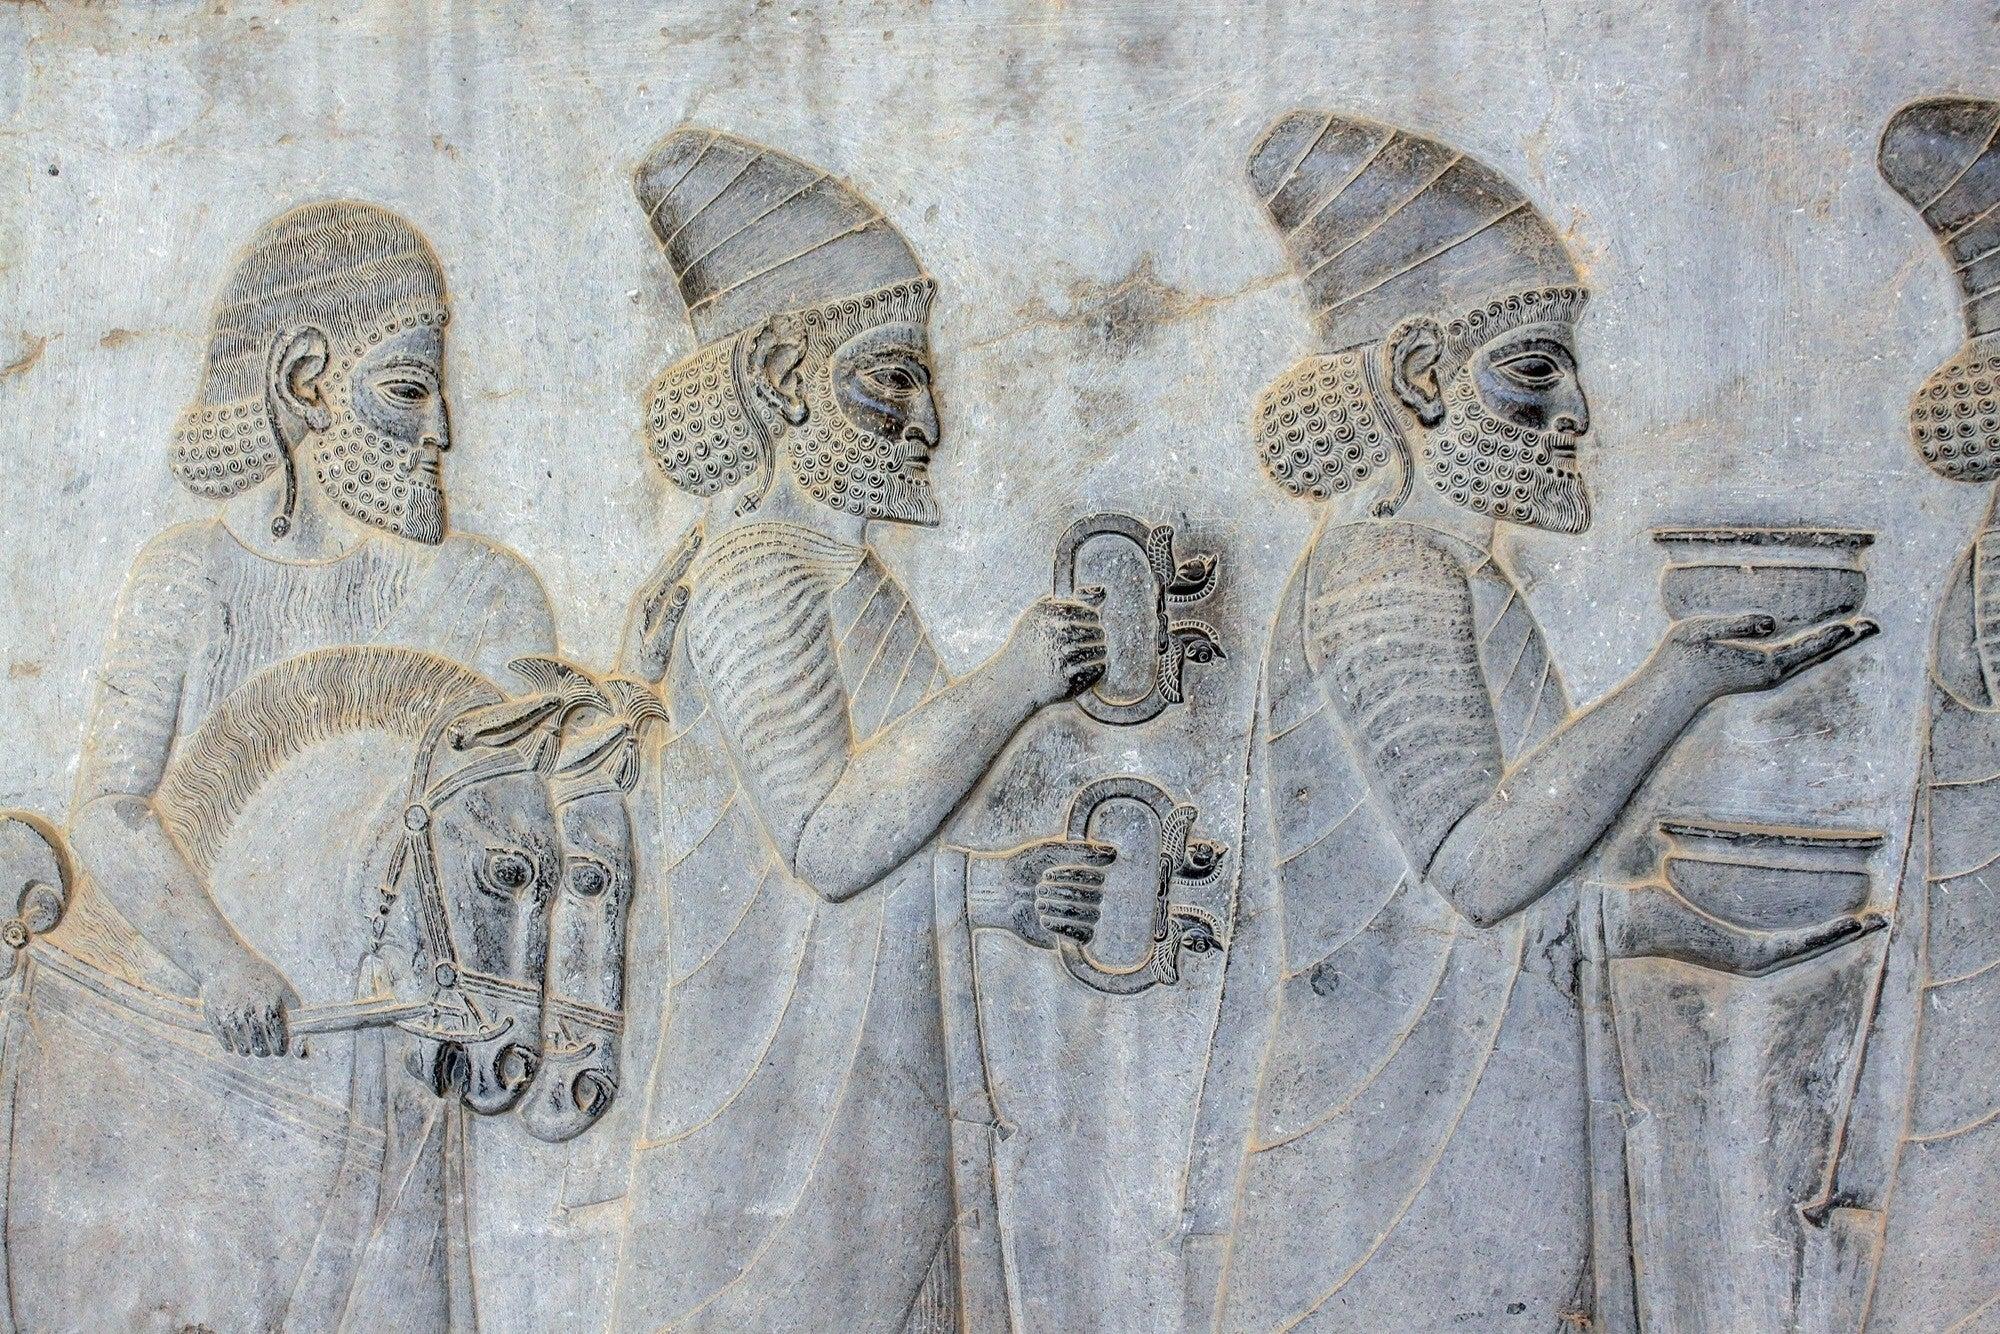 Persepolis figures